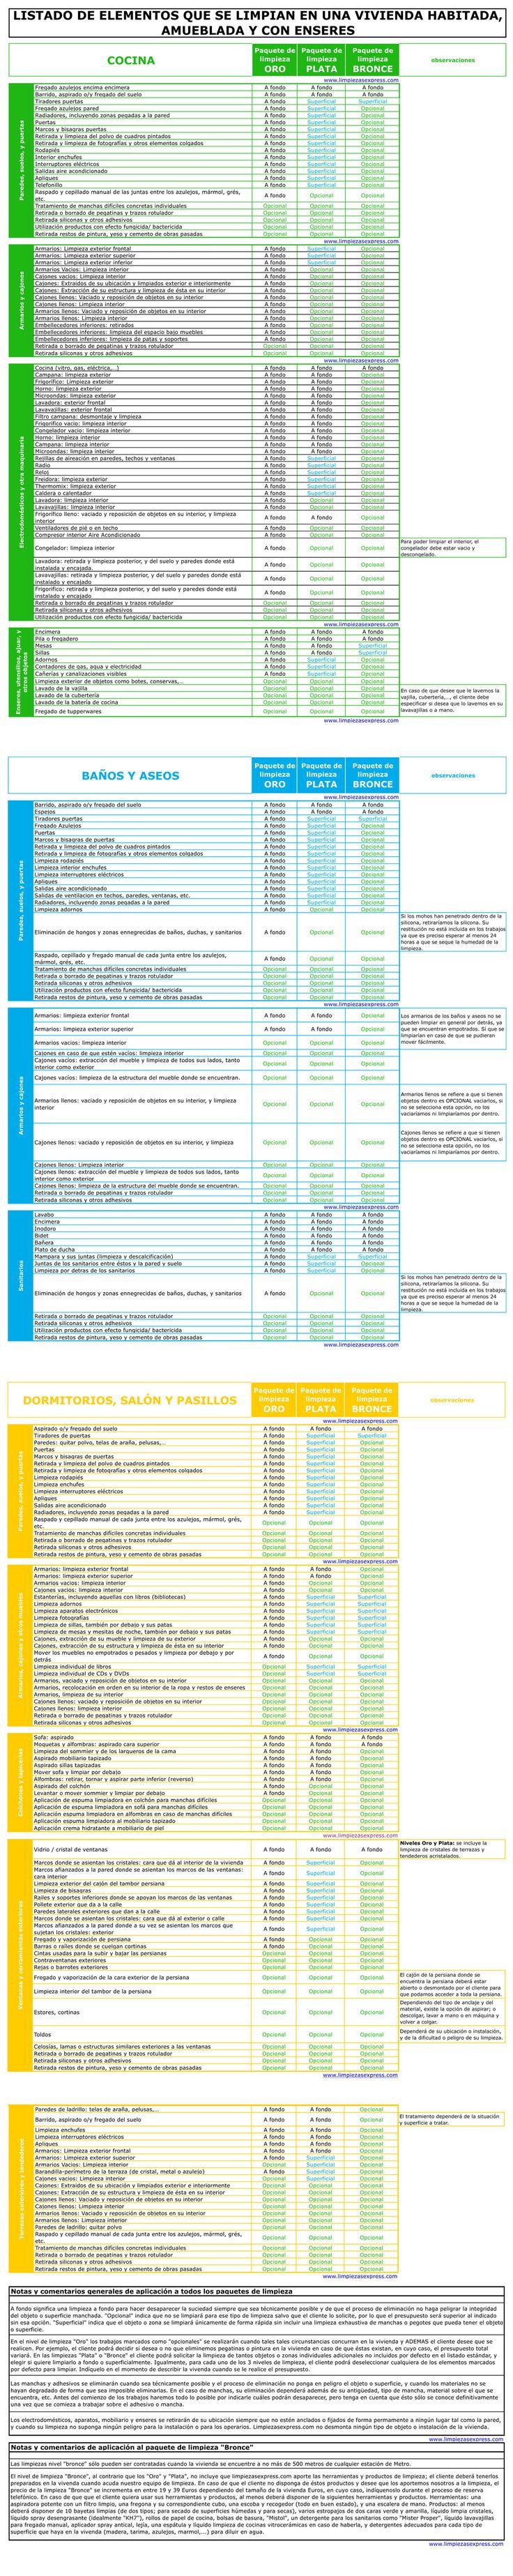 protocolo_checklist_limpieza_vivienda_habitada_amueblada_y_con_enseres_opt.jpg 1,240×6,224 píxeles #consejosdelhogar #trucoshogar